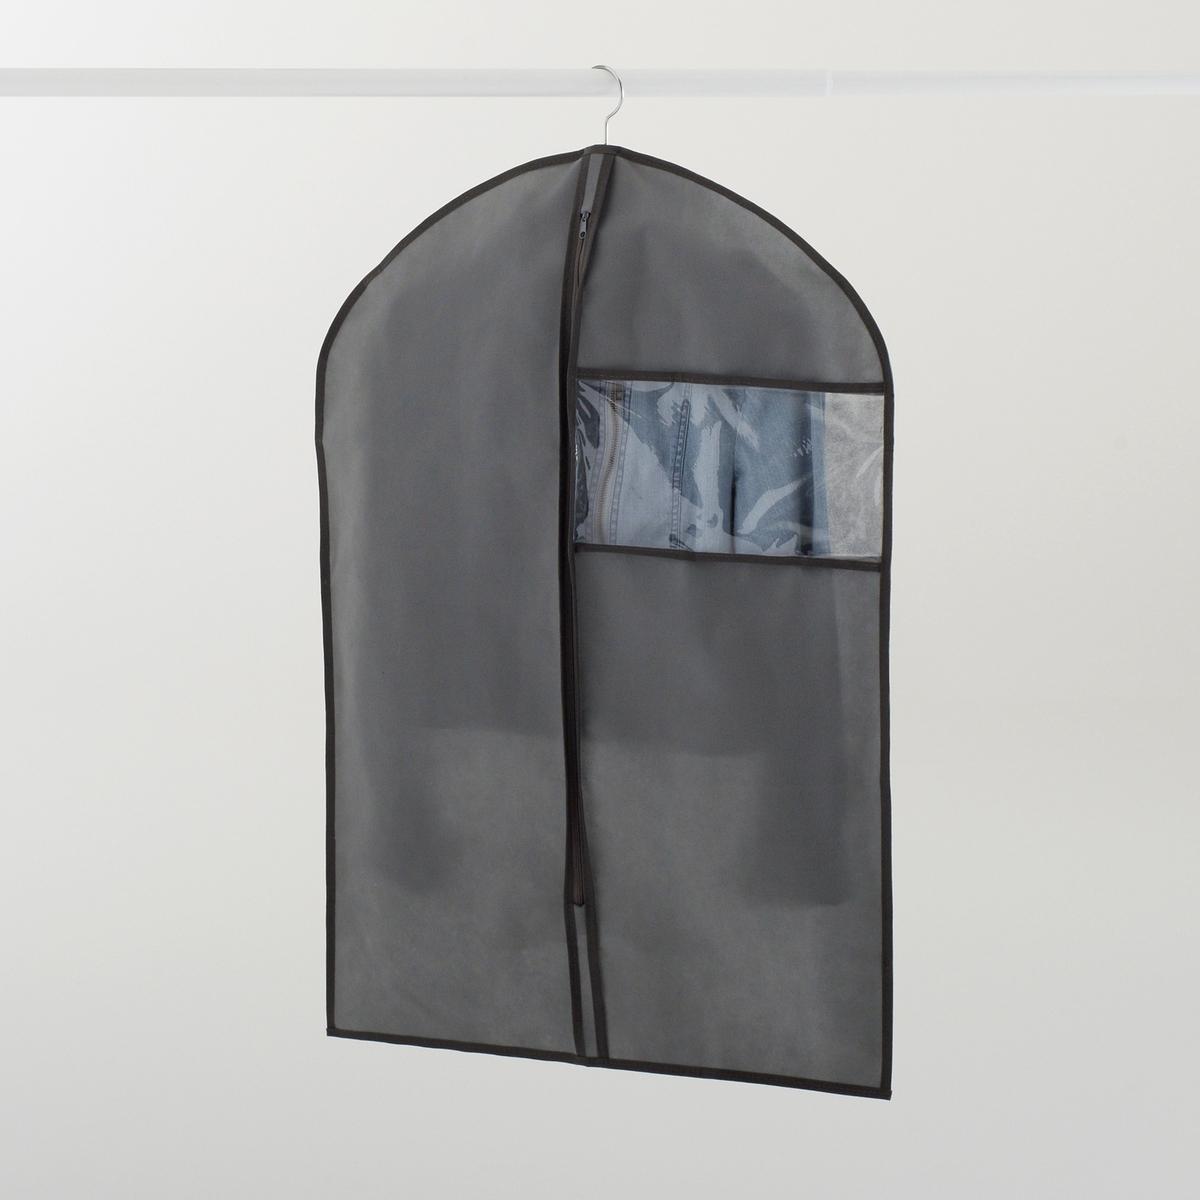 Комплект из 2 нетканых чехлов для куртокЗащита и удобное хранение курток! Качество VALEUR S?RE материала, сверхустойчивого к разрыву.ХАРАКТЕРИСТИКИ ЧЕХЛА:Нетканый материал: на основе дышащего синтетического волокна.Бежевого цвета.ОПИСАНИЕ ЧЕХЛА :Надевается на вешалку-плечики (1 шт.).Прозрачная вставка.Застежка на молнию.Размеры:Ширина 60 см.Высота 84 смКомплект из 2 чехлов.<br><br>Цвет: серый